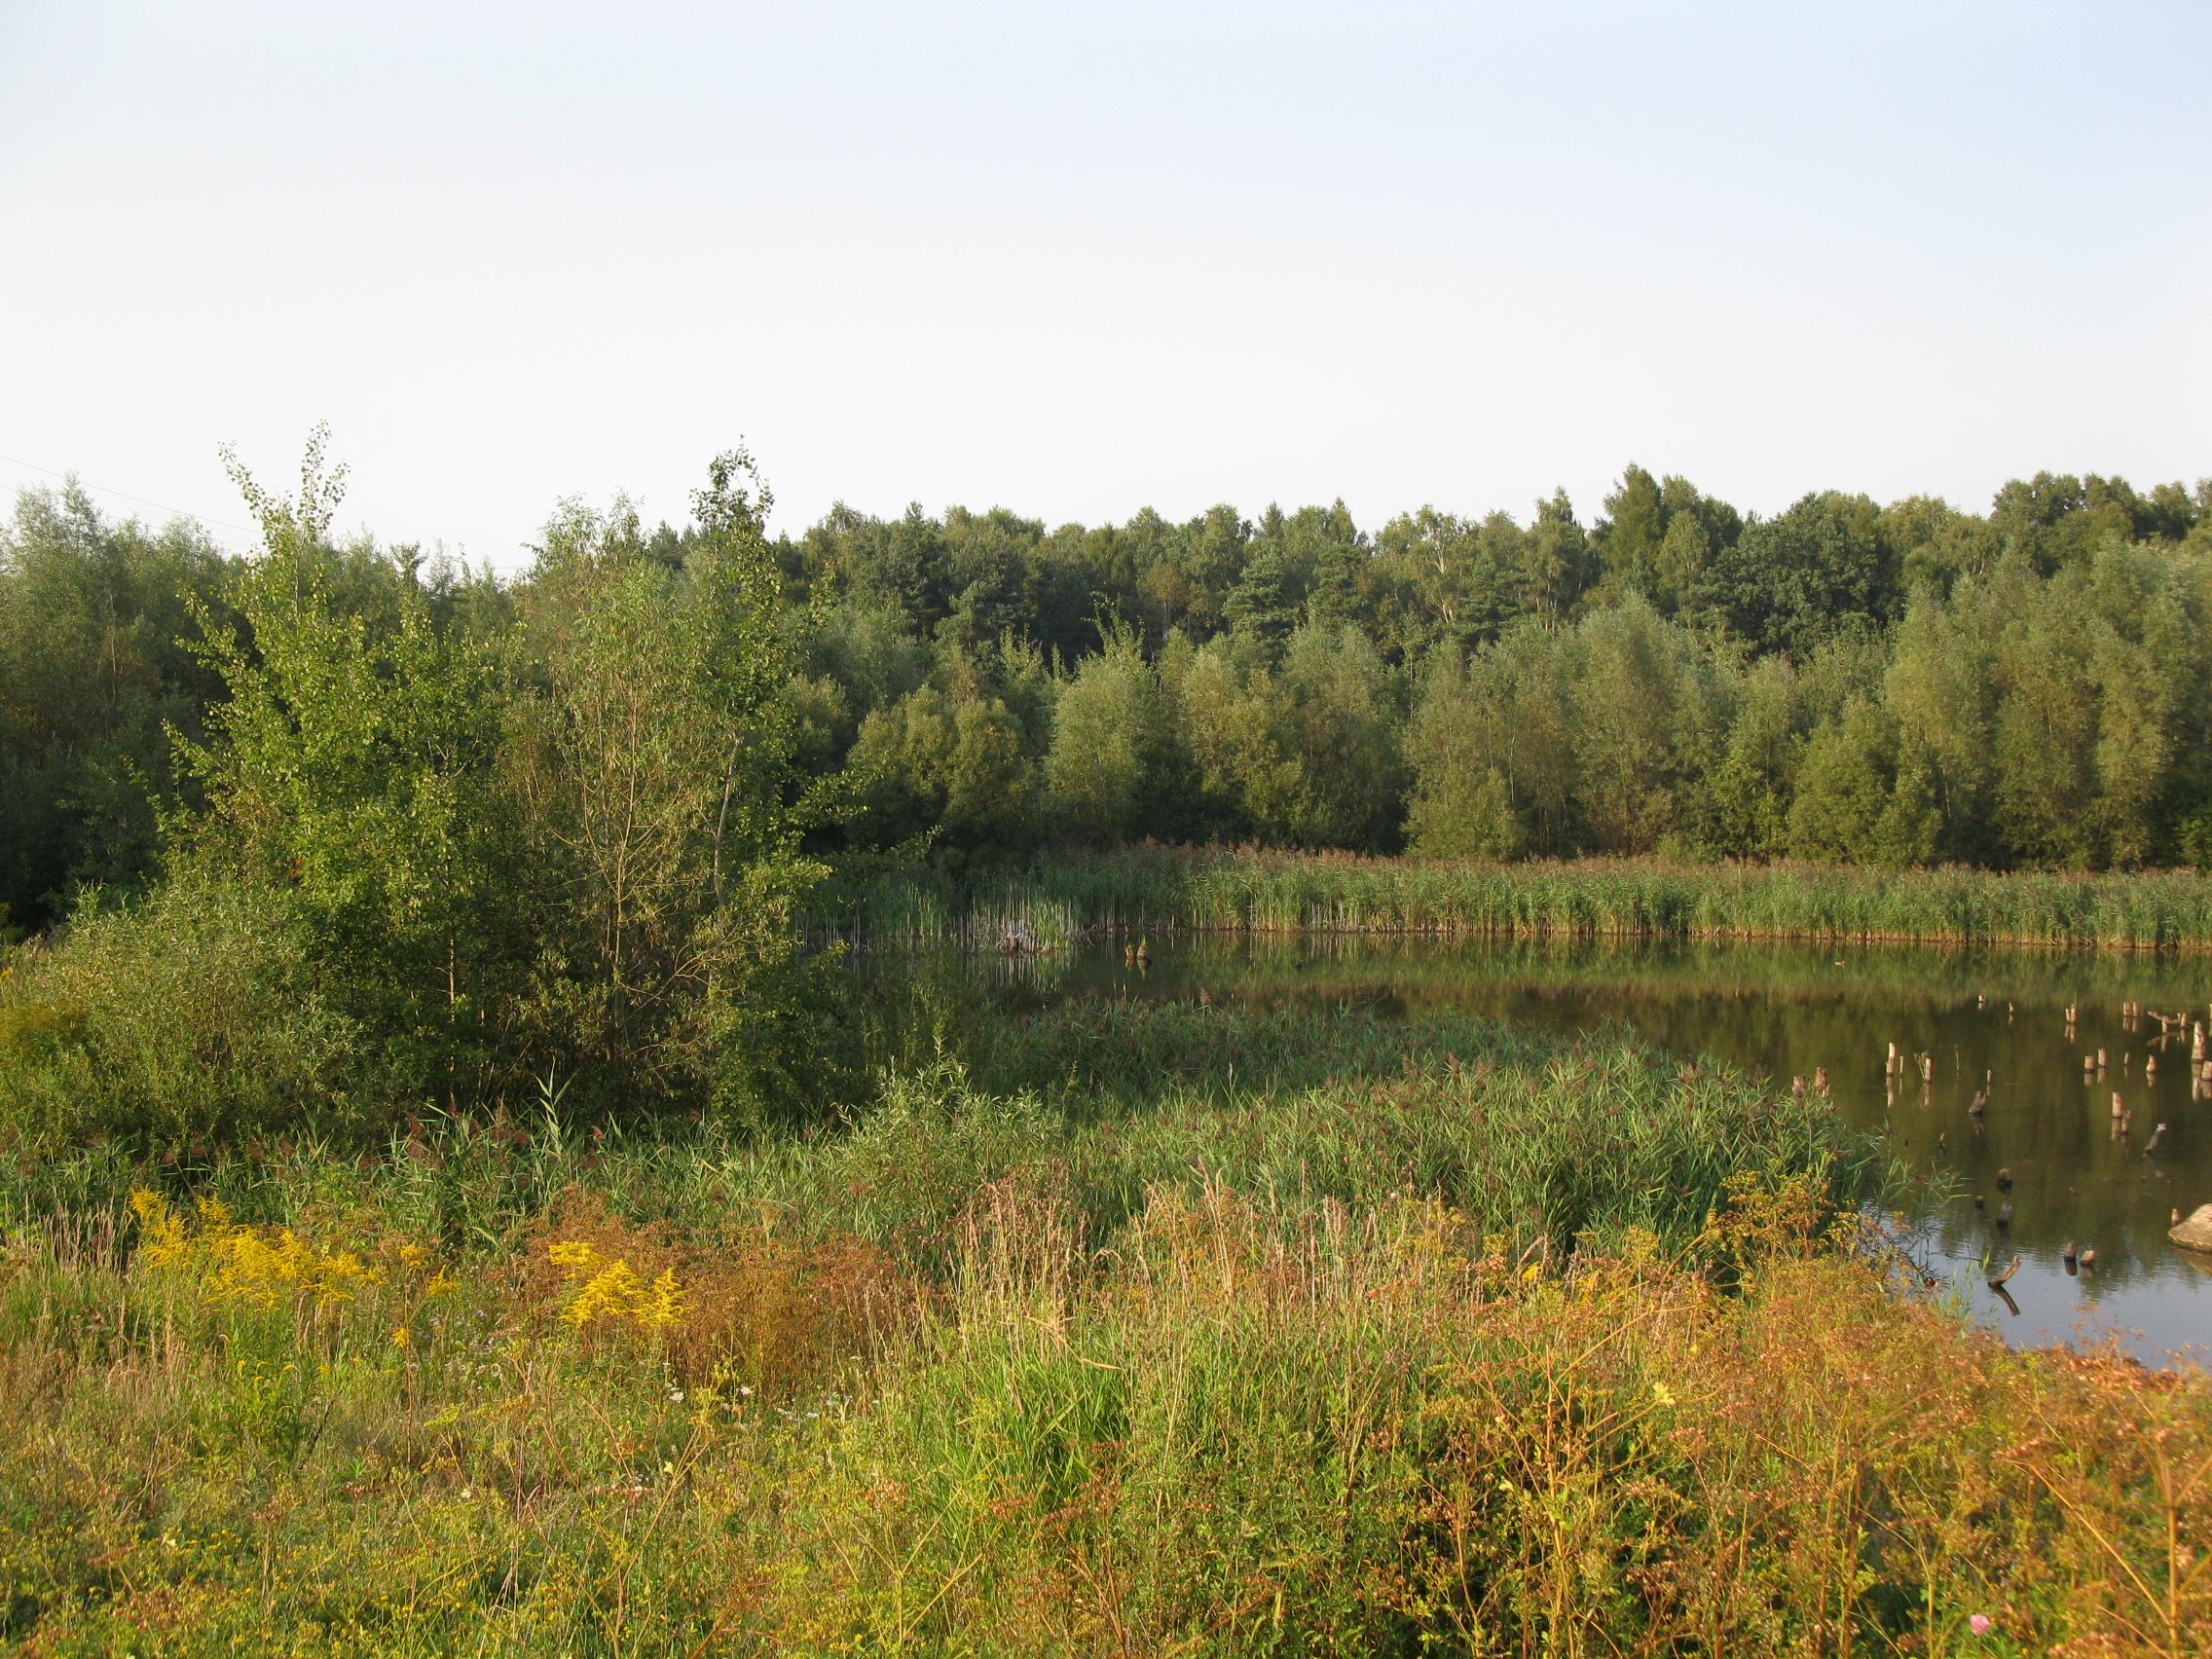 Zagórski Forest in Sosnowiec